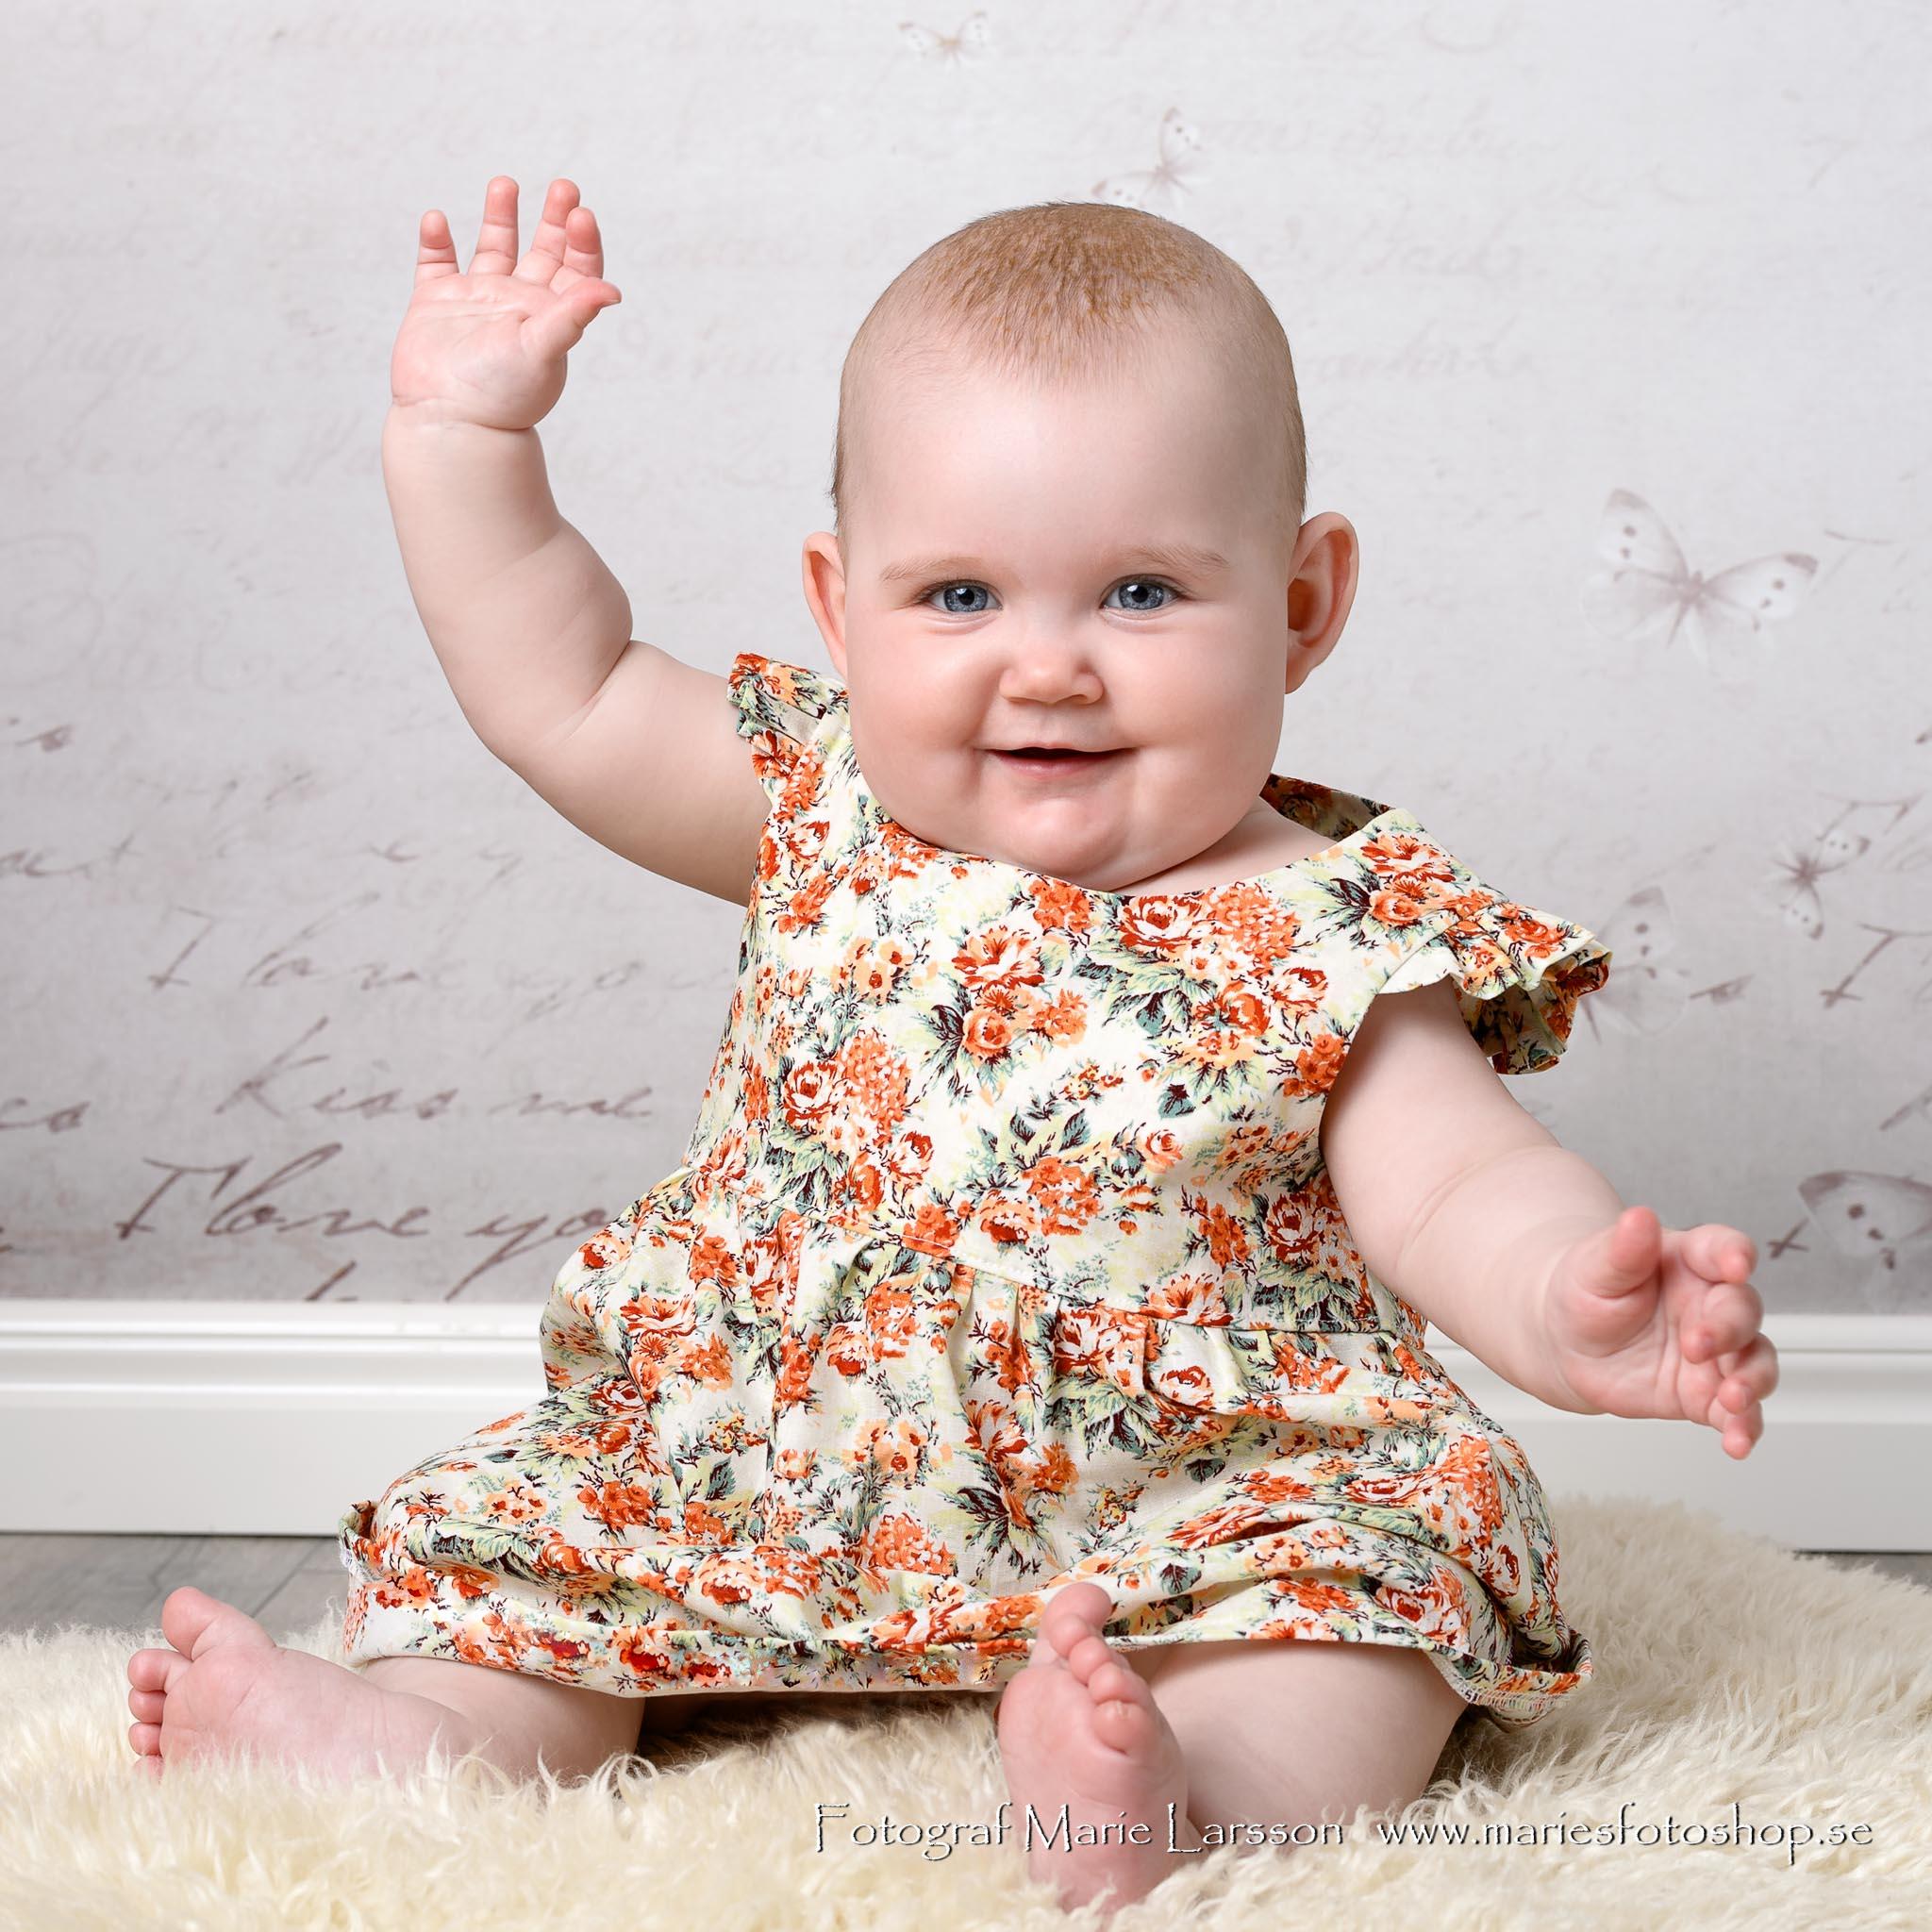 www.mariesfotoshop.se17062015_DSC9665-Redigera-Redigerablogg2048